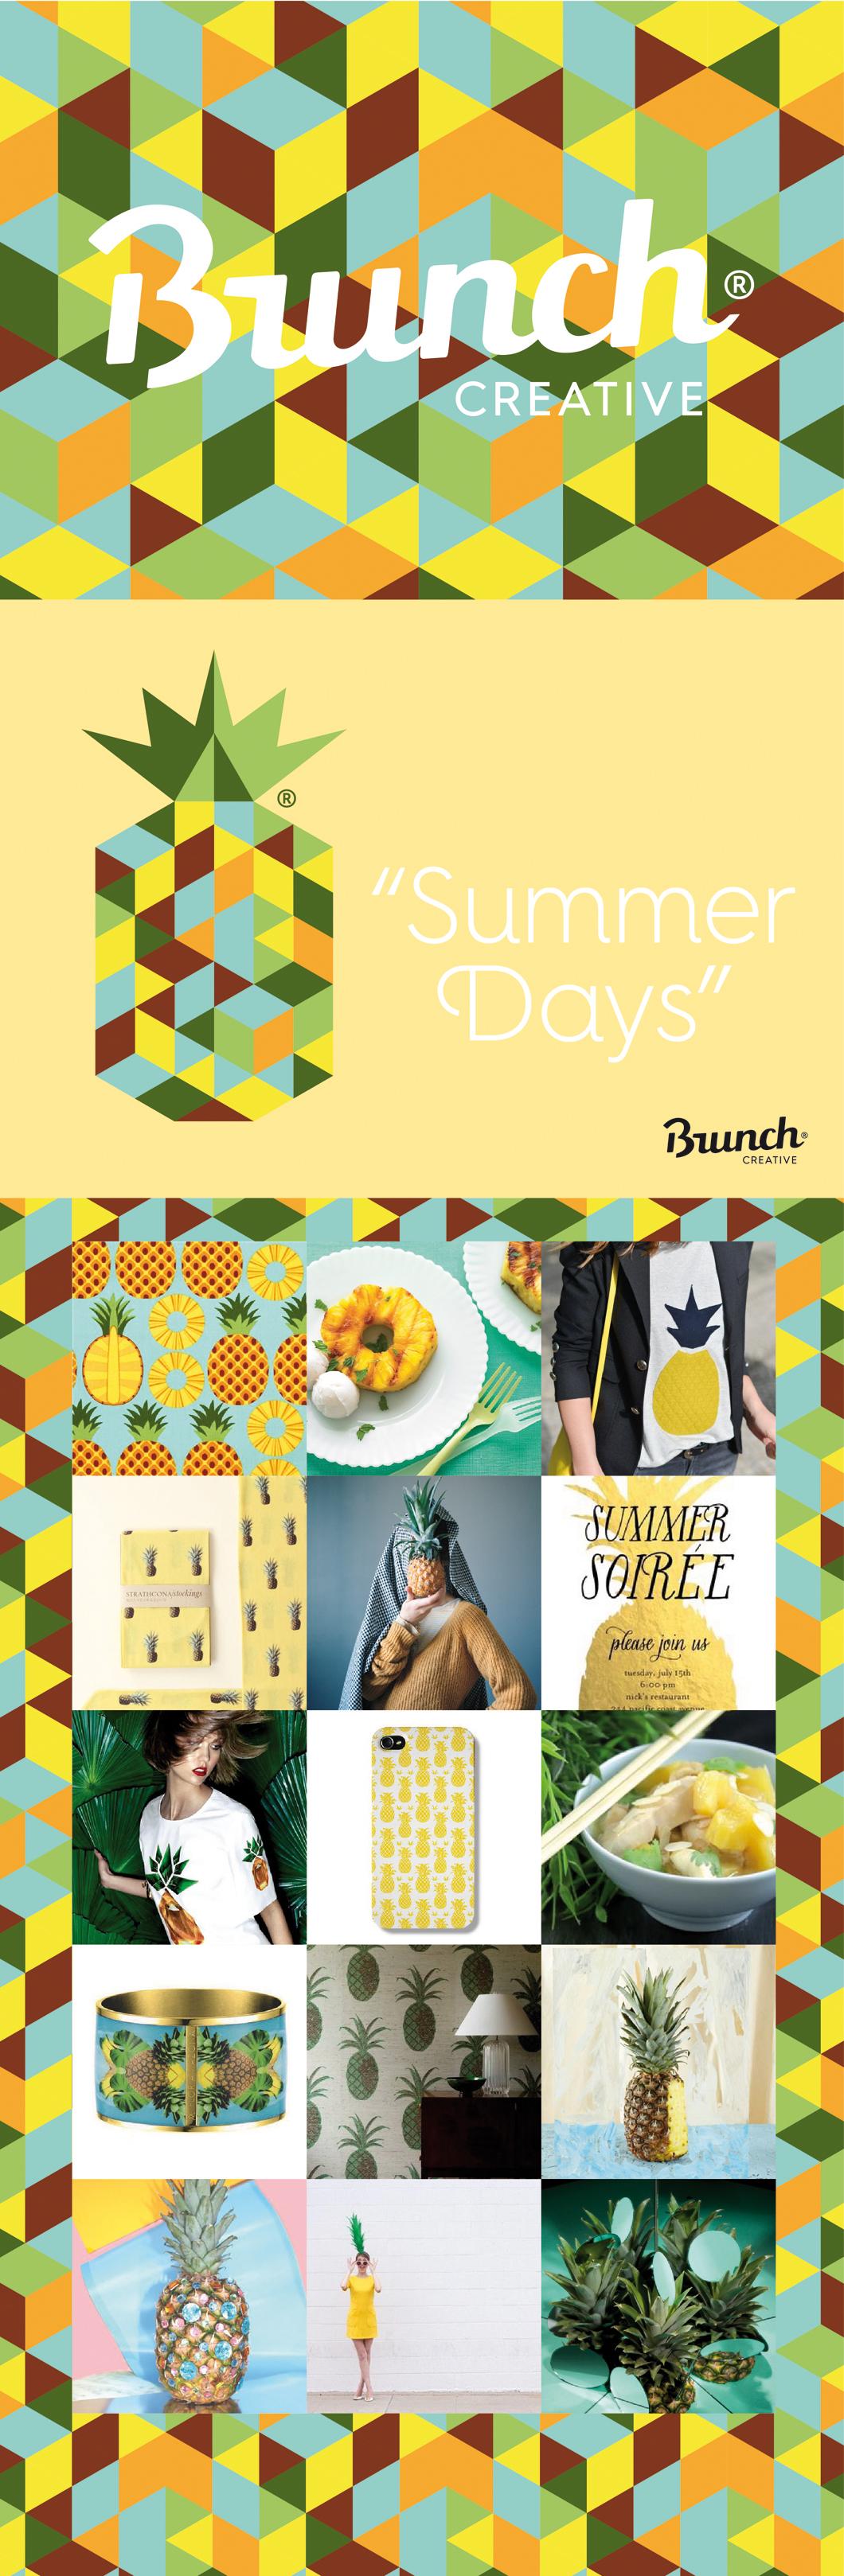 Summer days - Ananas - Brunch Creative